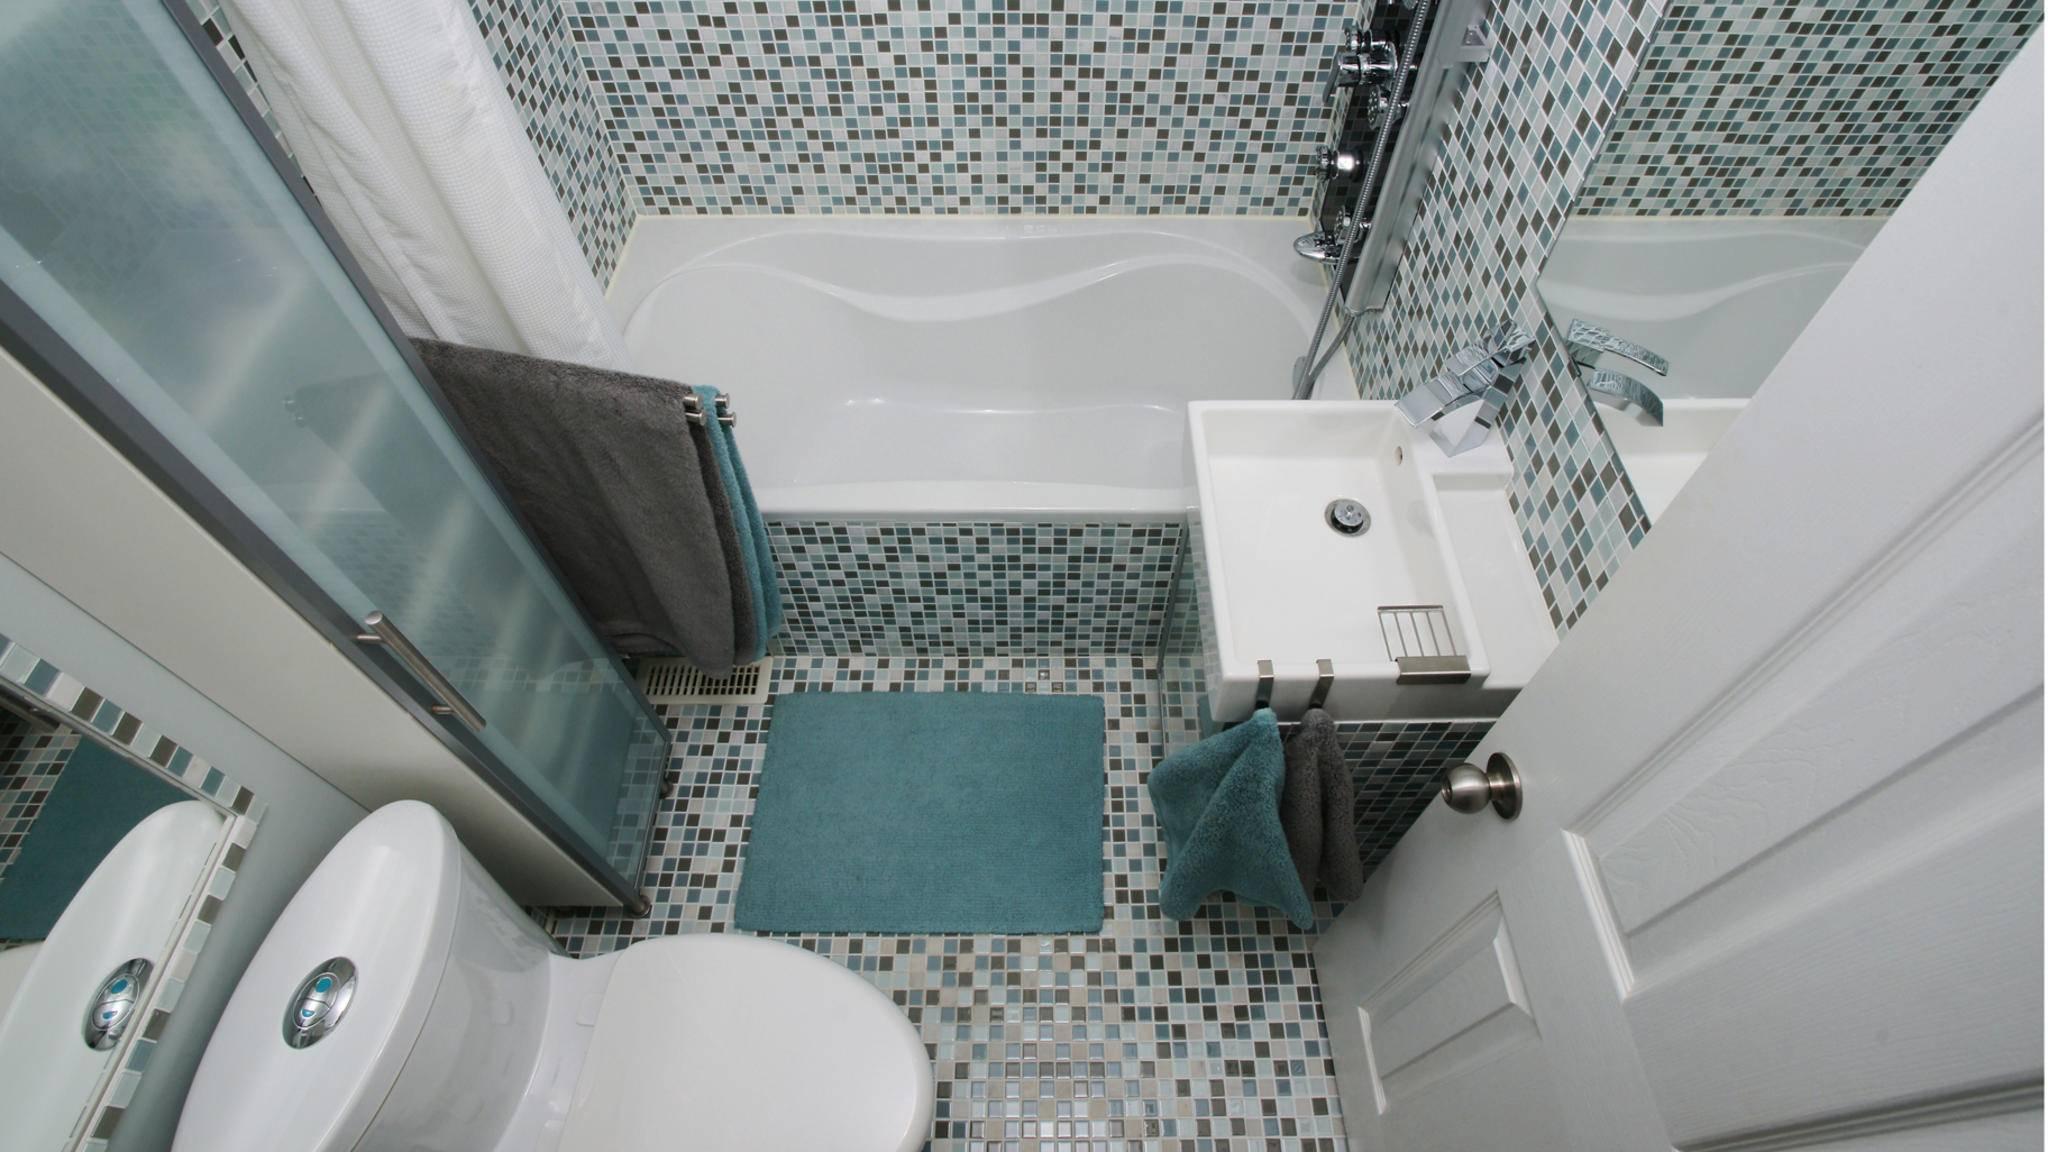 Bei der Gestaltung dieses Badezimmers wurde vieles richtig, aber auch einiges falsch gemacht.